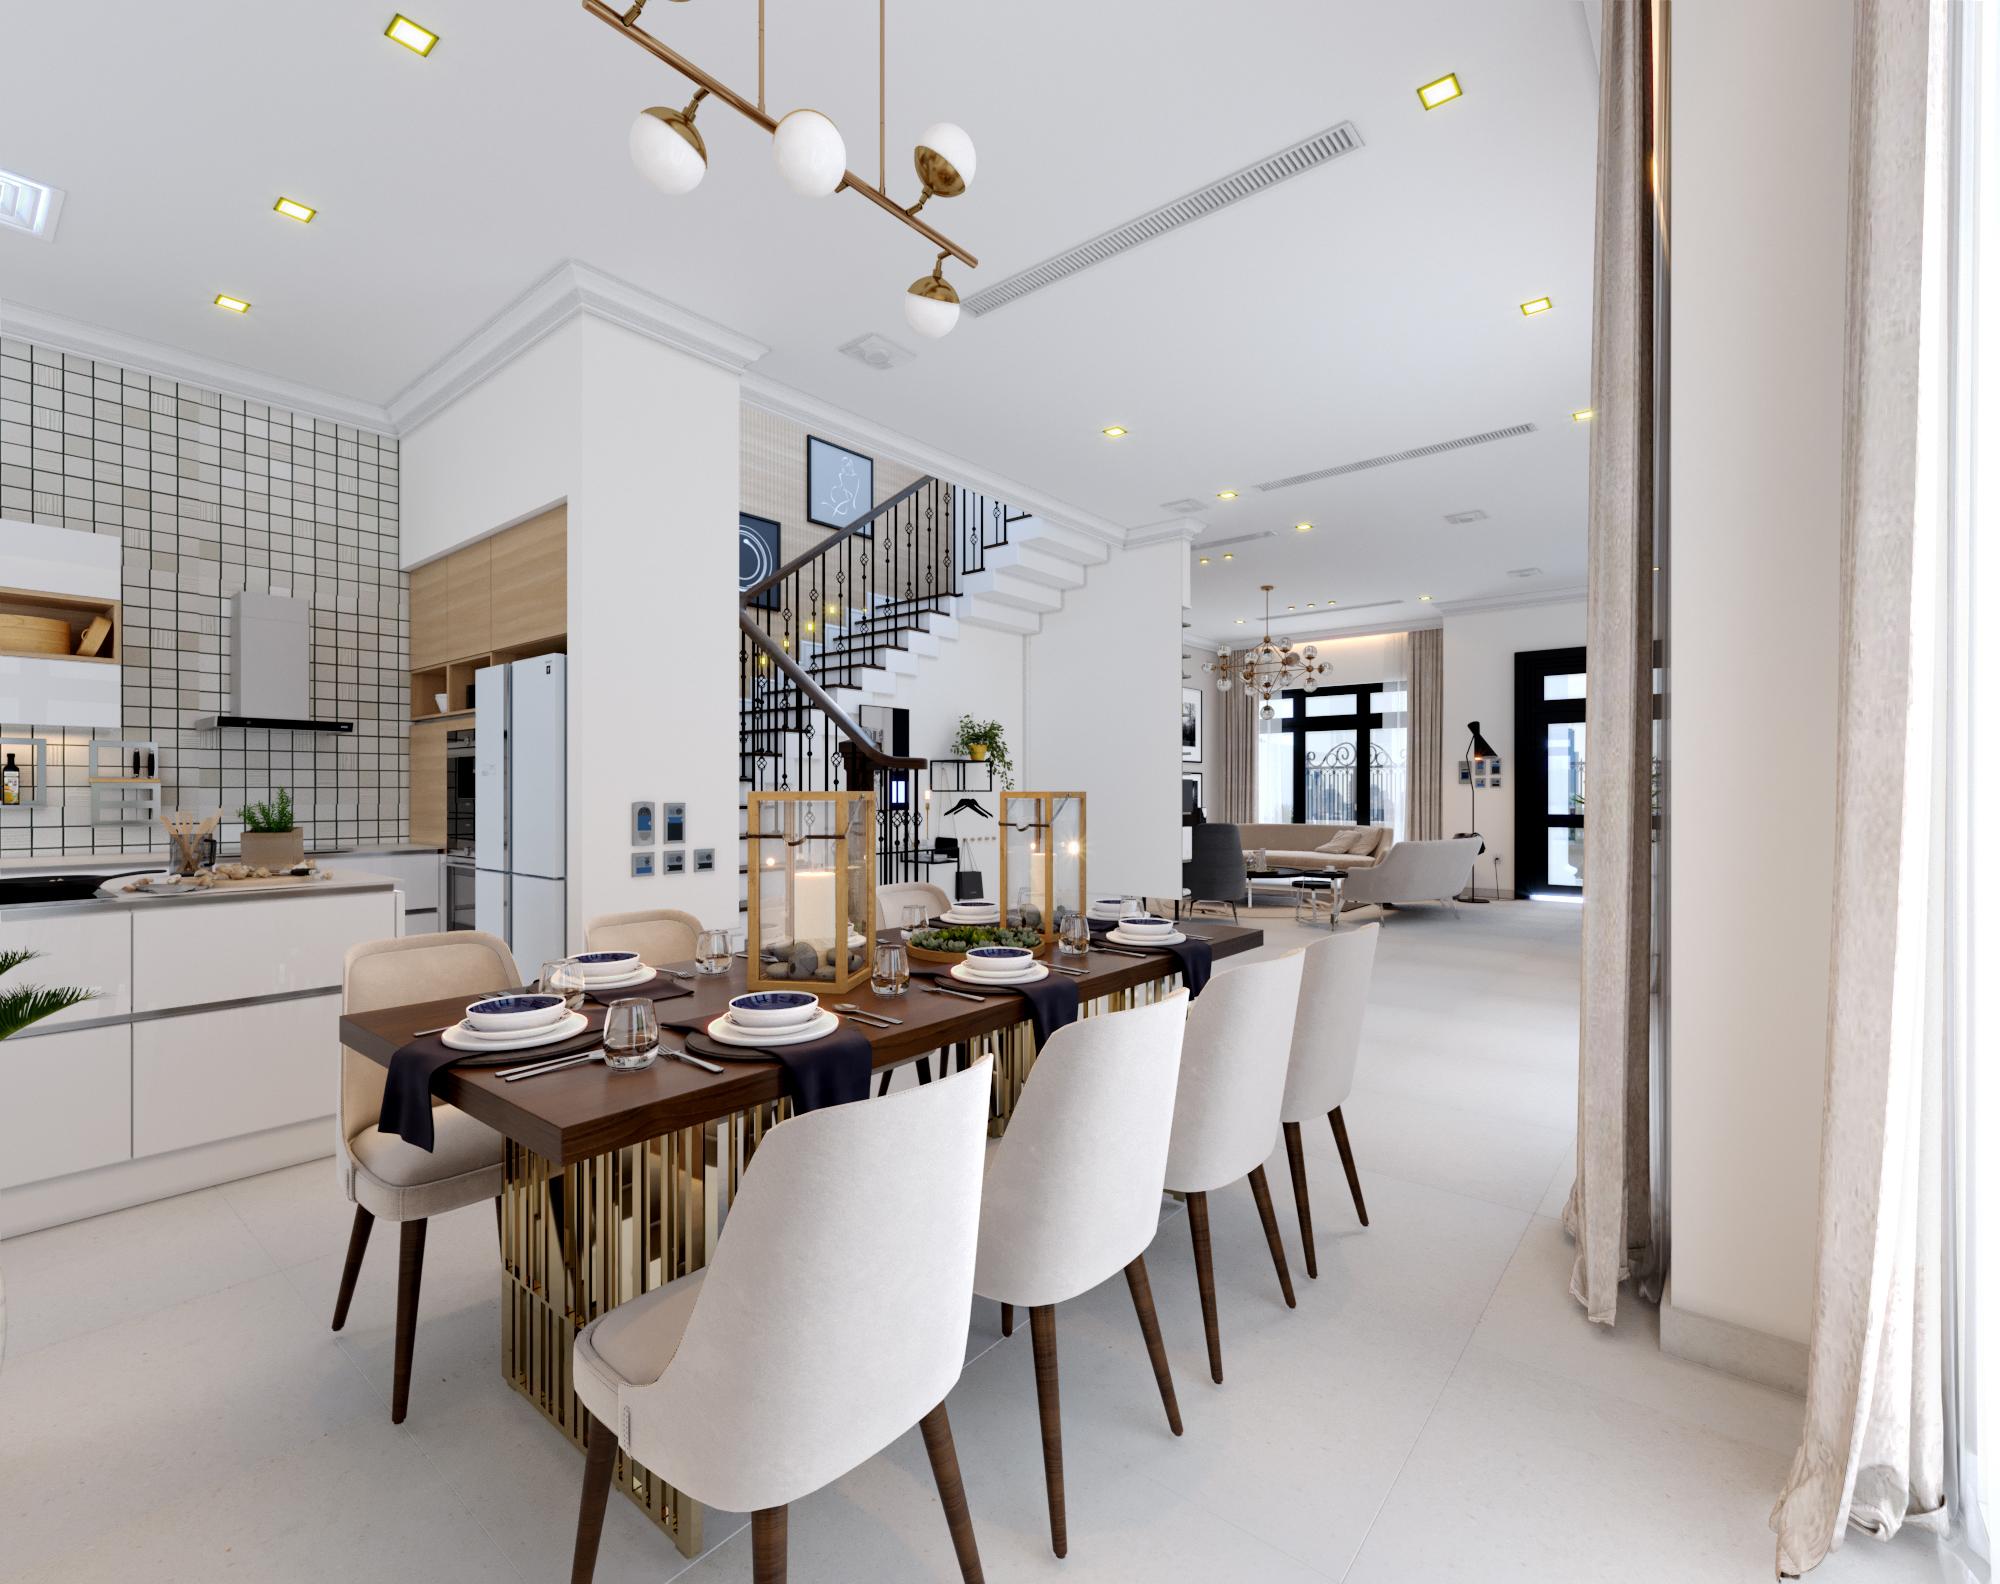 thiết kế Nội thất Biệt Thự 4 tầng Biệt thự Vinhomes - the Harmony50